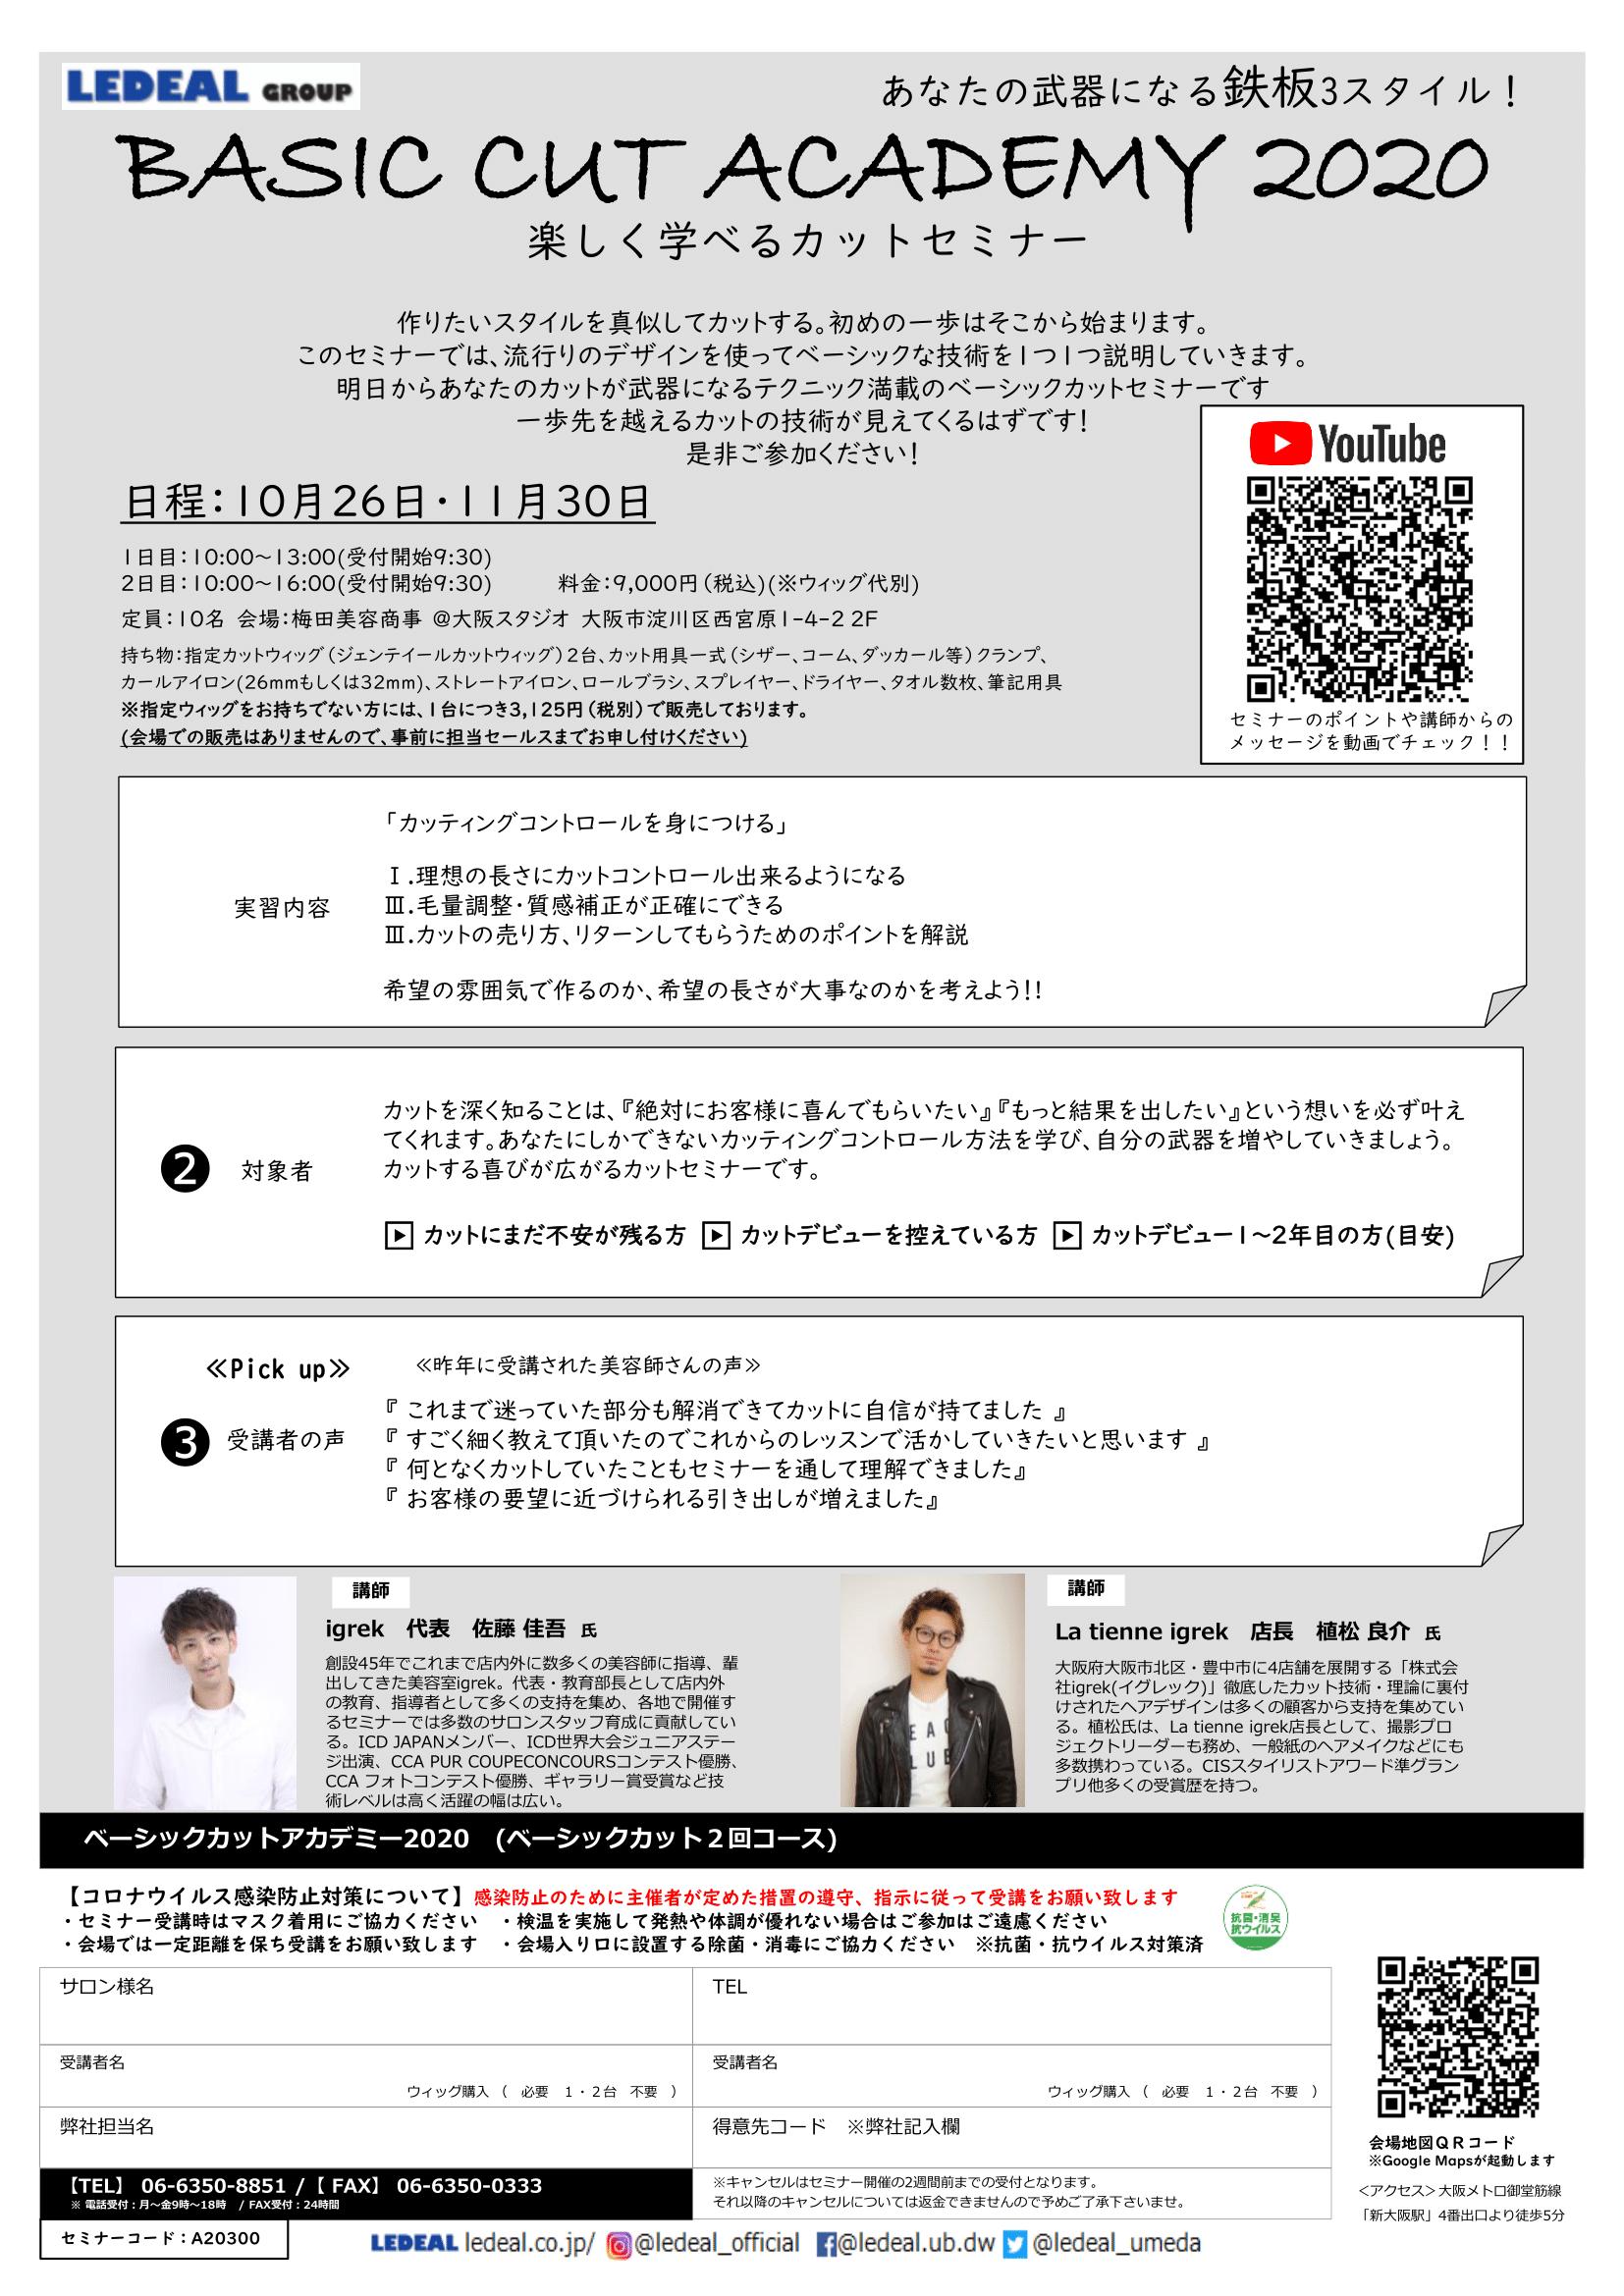 【大阪】BASIC CUT ACADEMY 2020(2回コース)*